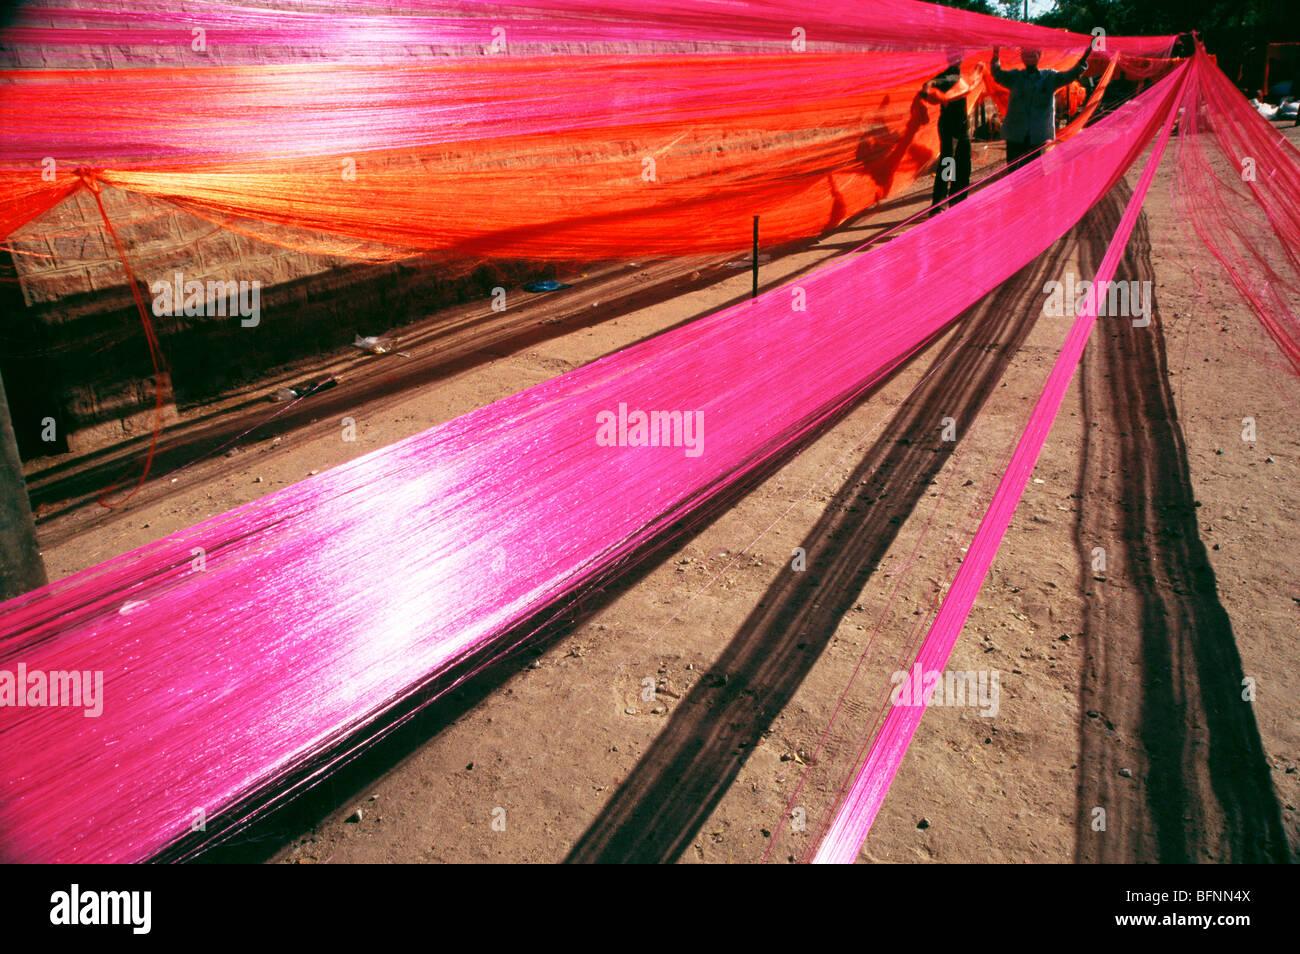 La préparation du fil de soie; tissu; garland jodhpur Rajasthan Inde; Photo Stock